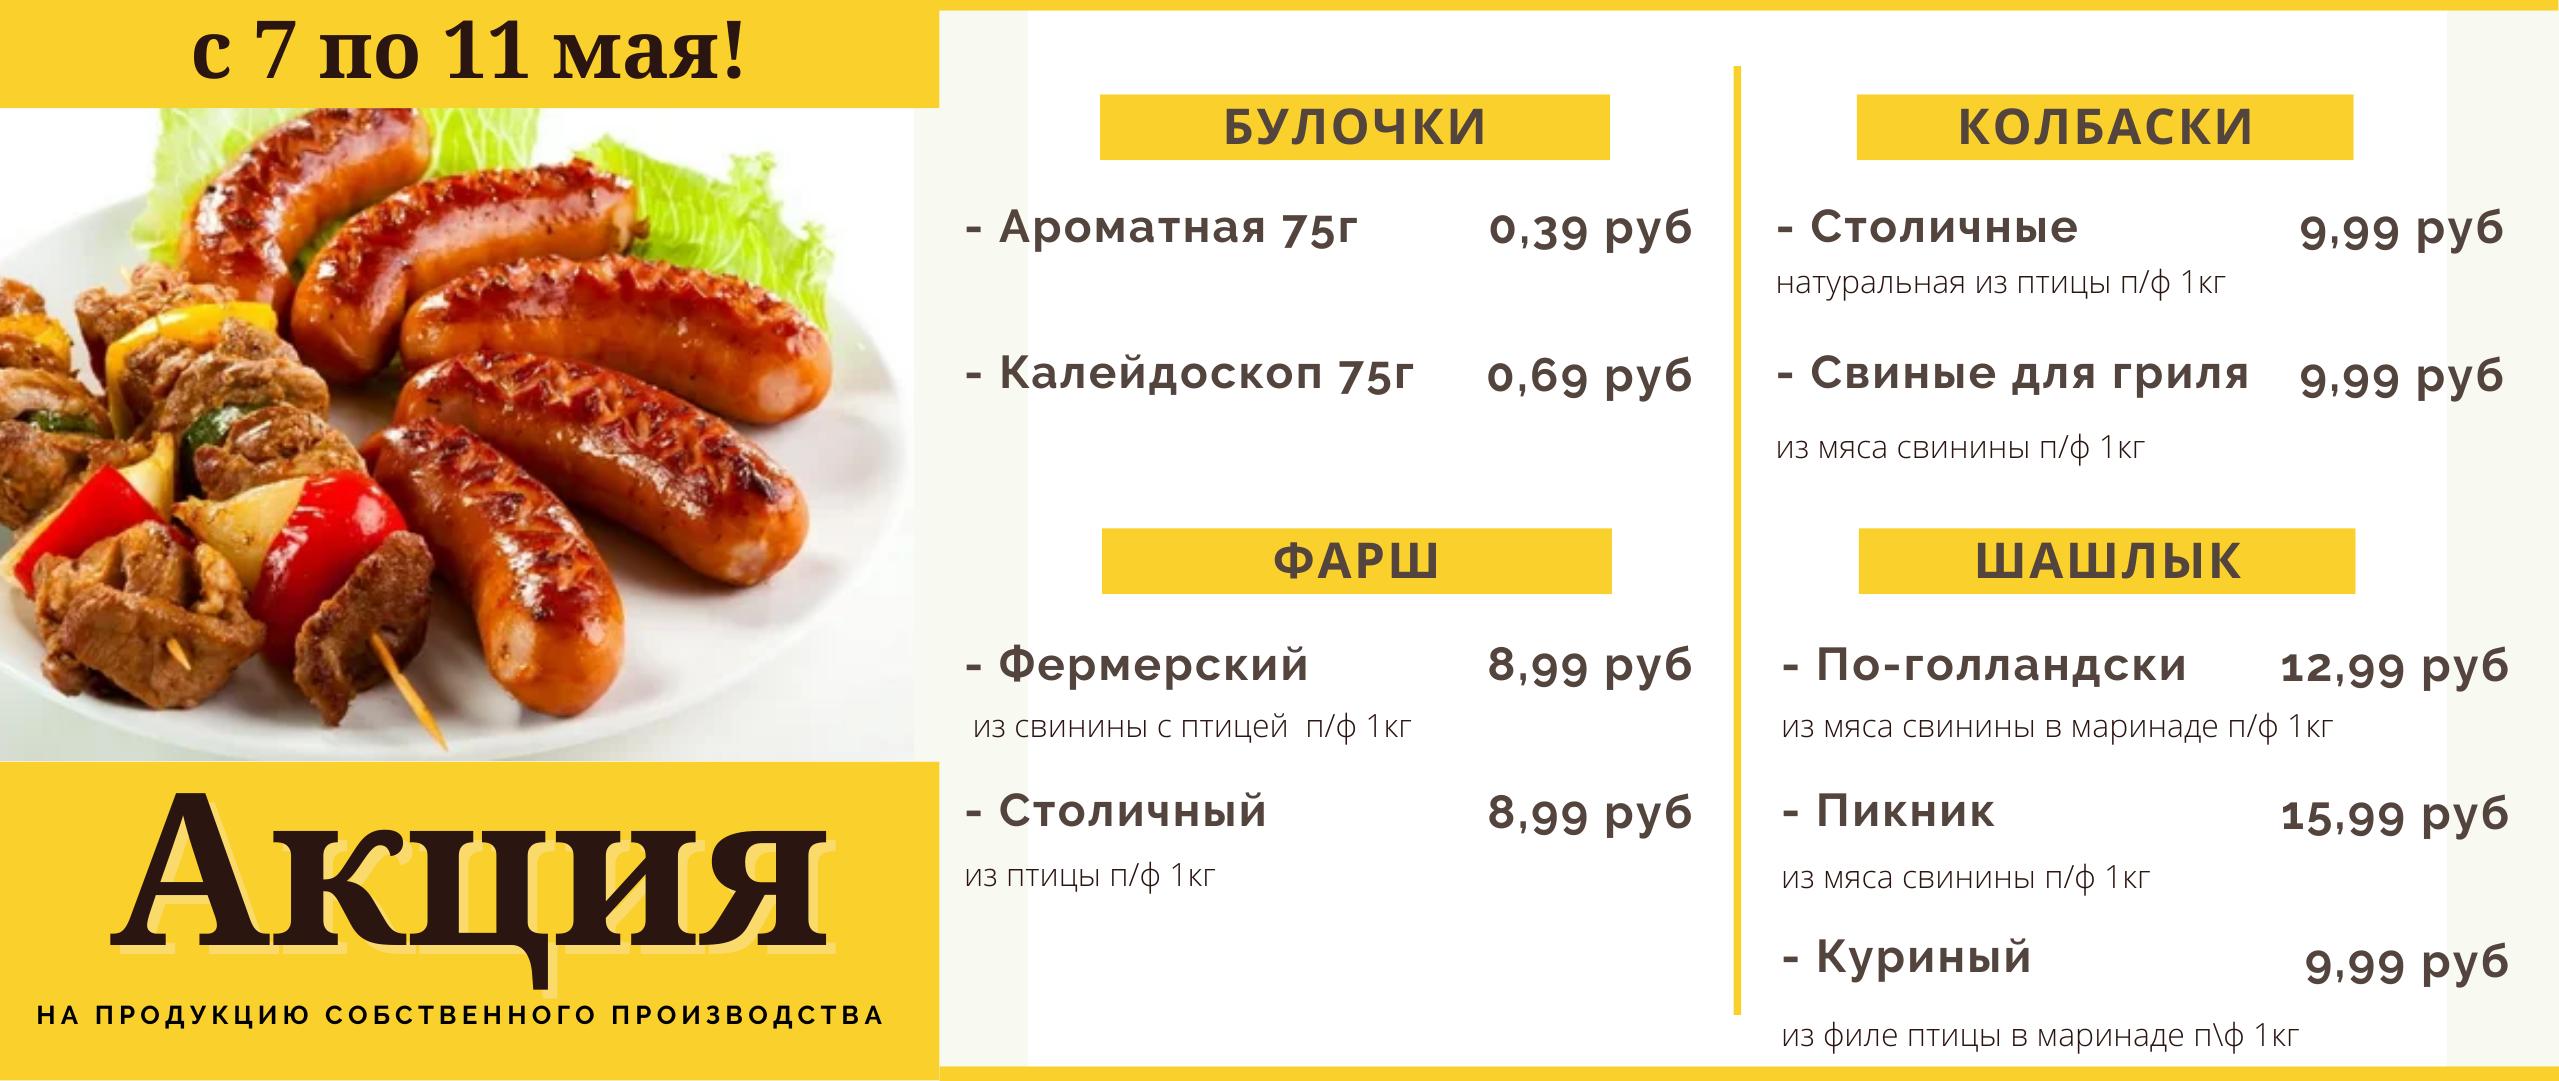 Diskontnaya-programma6-1